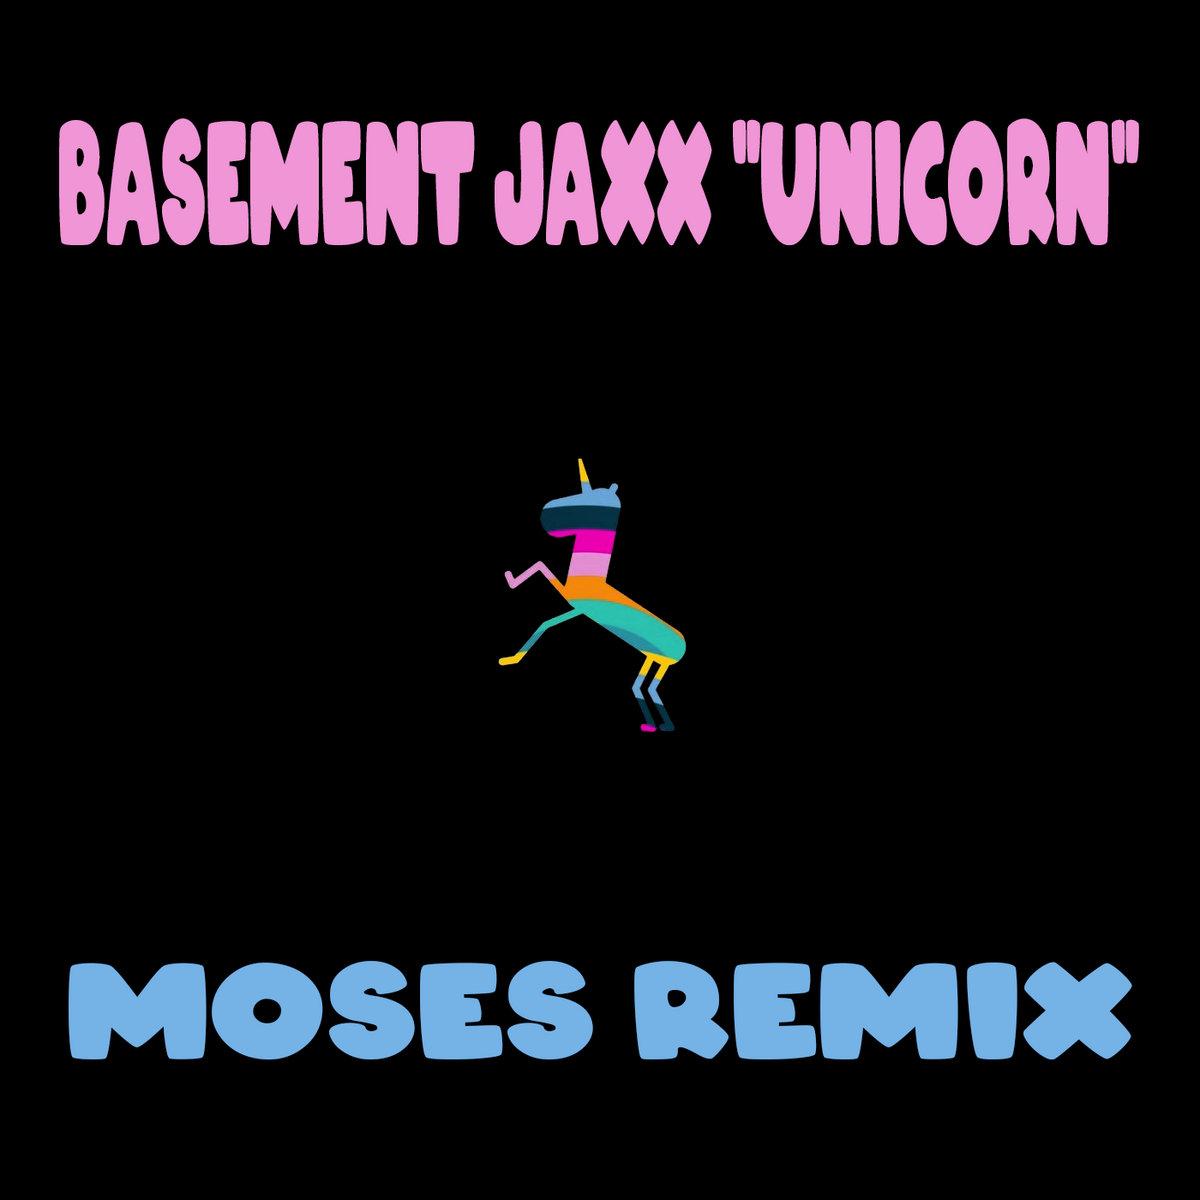 Basement Jaxx - Unicorn (Moses Remix)